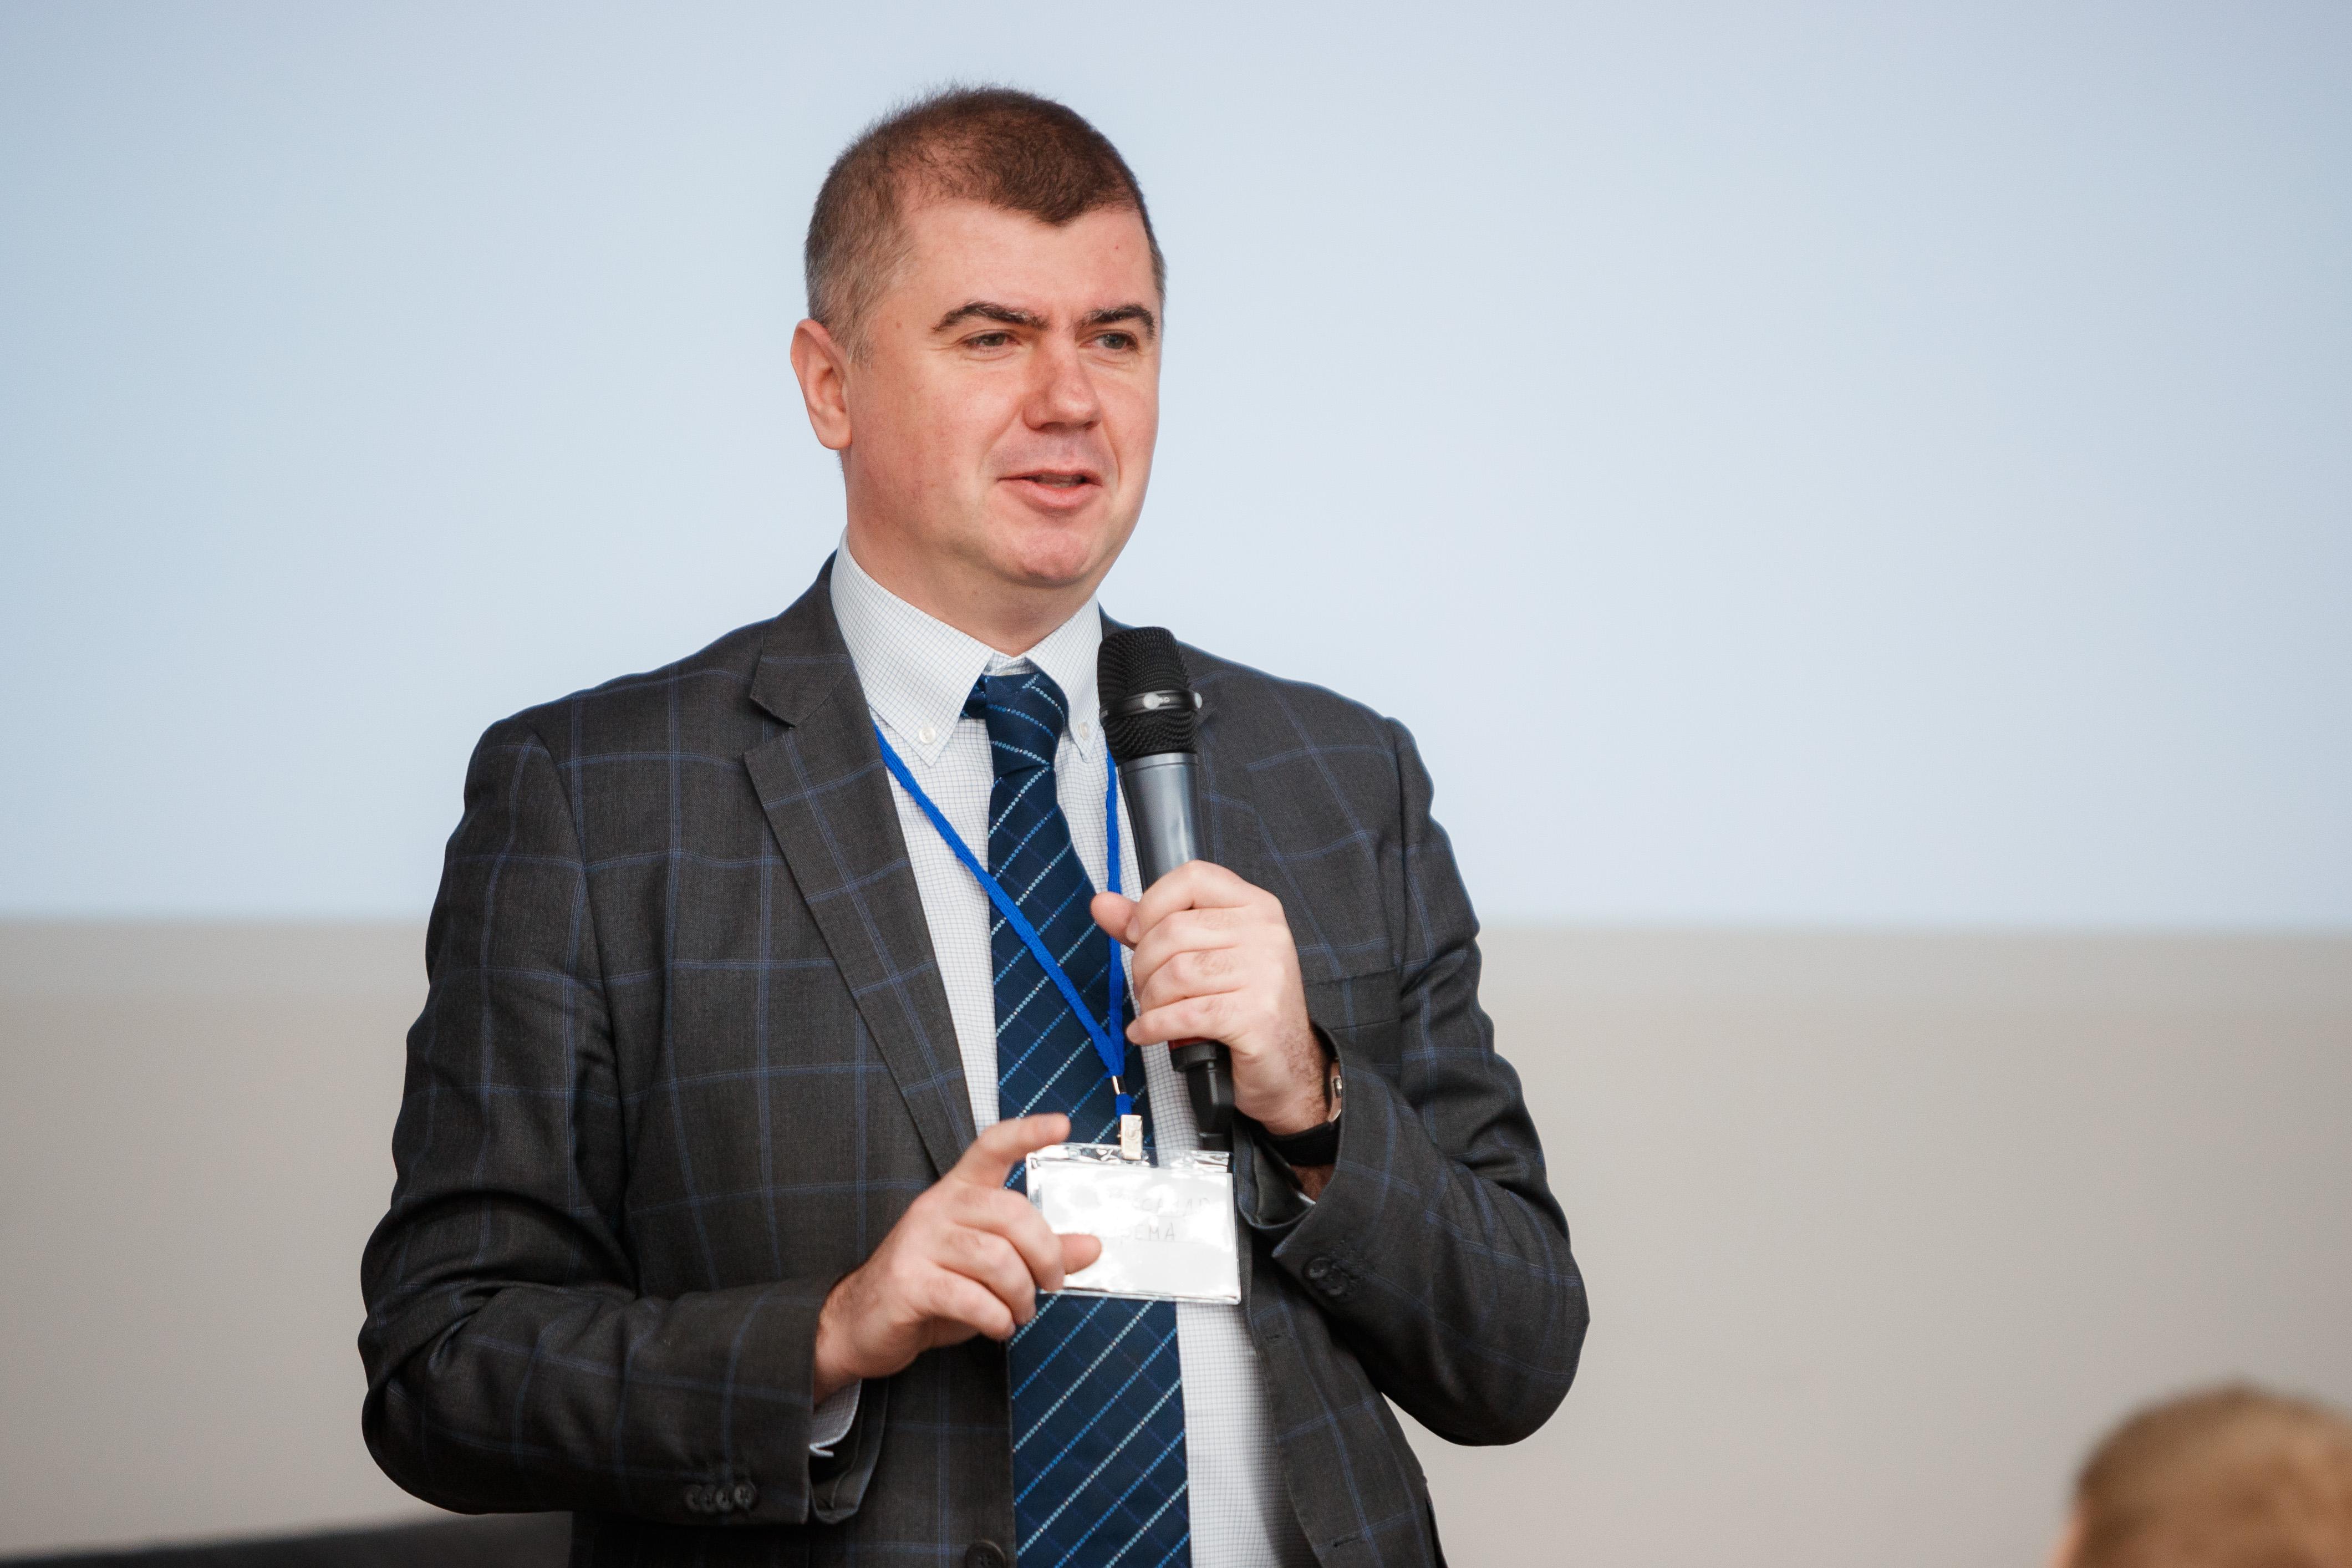 Олександр Ярема, голова Державного агентства розвитку молоді та громадянського суспільства